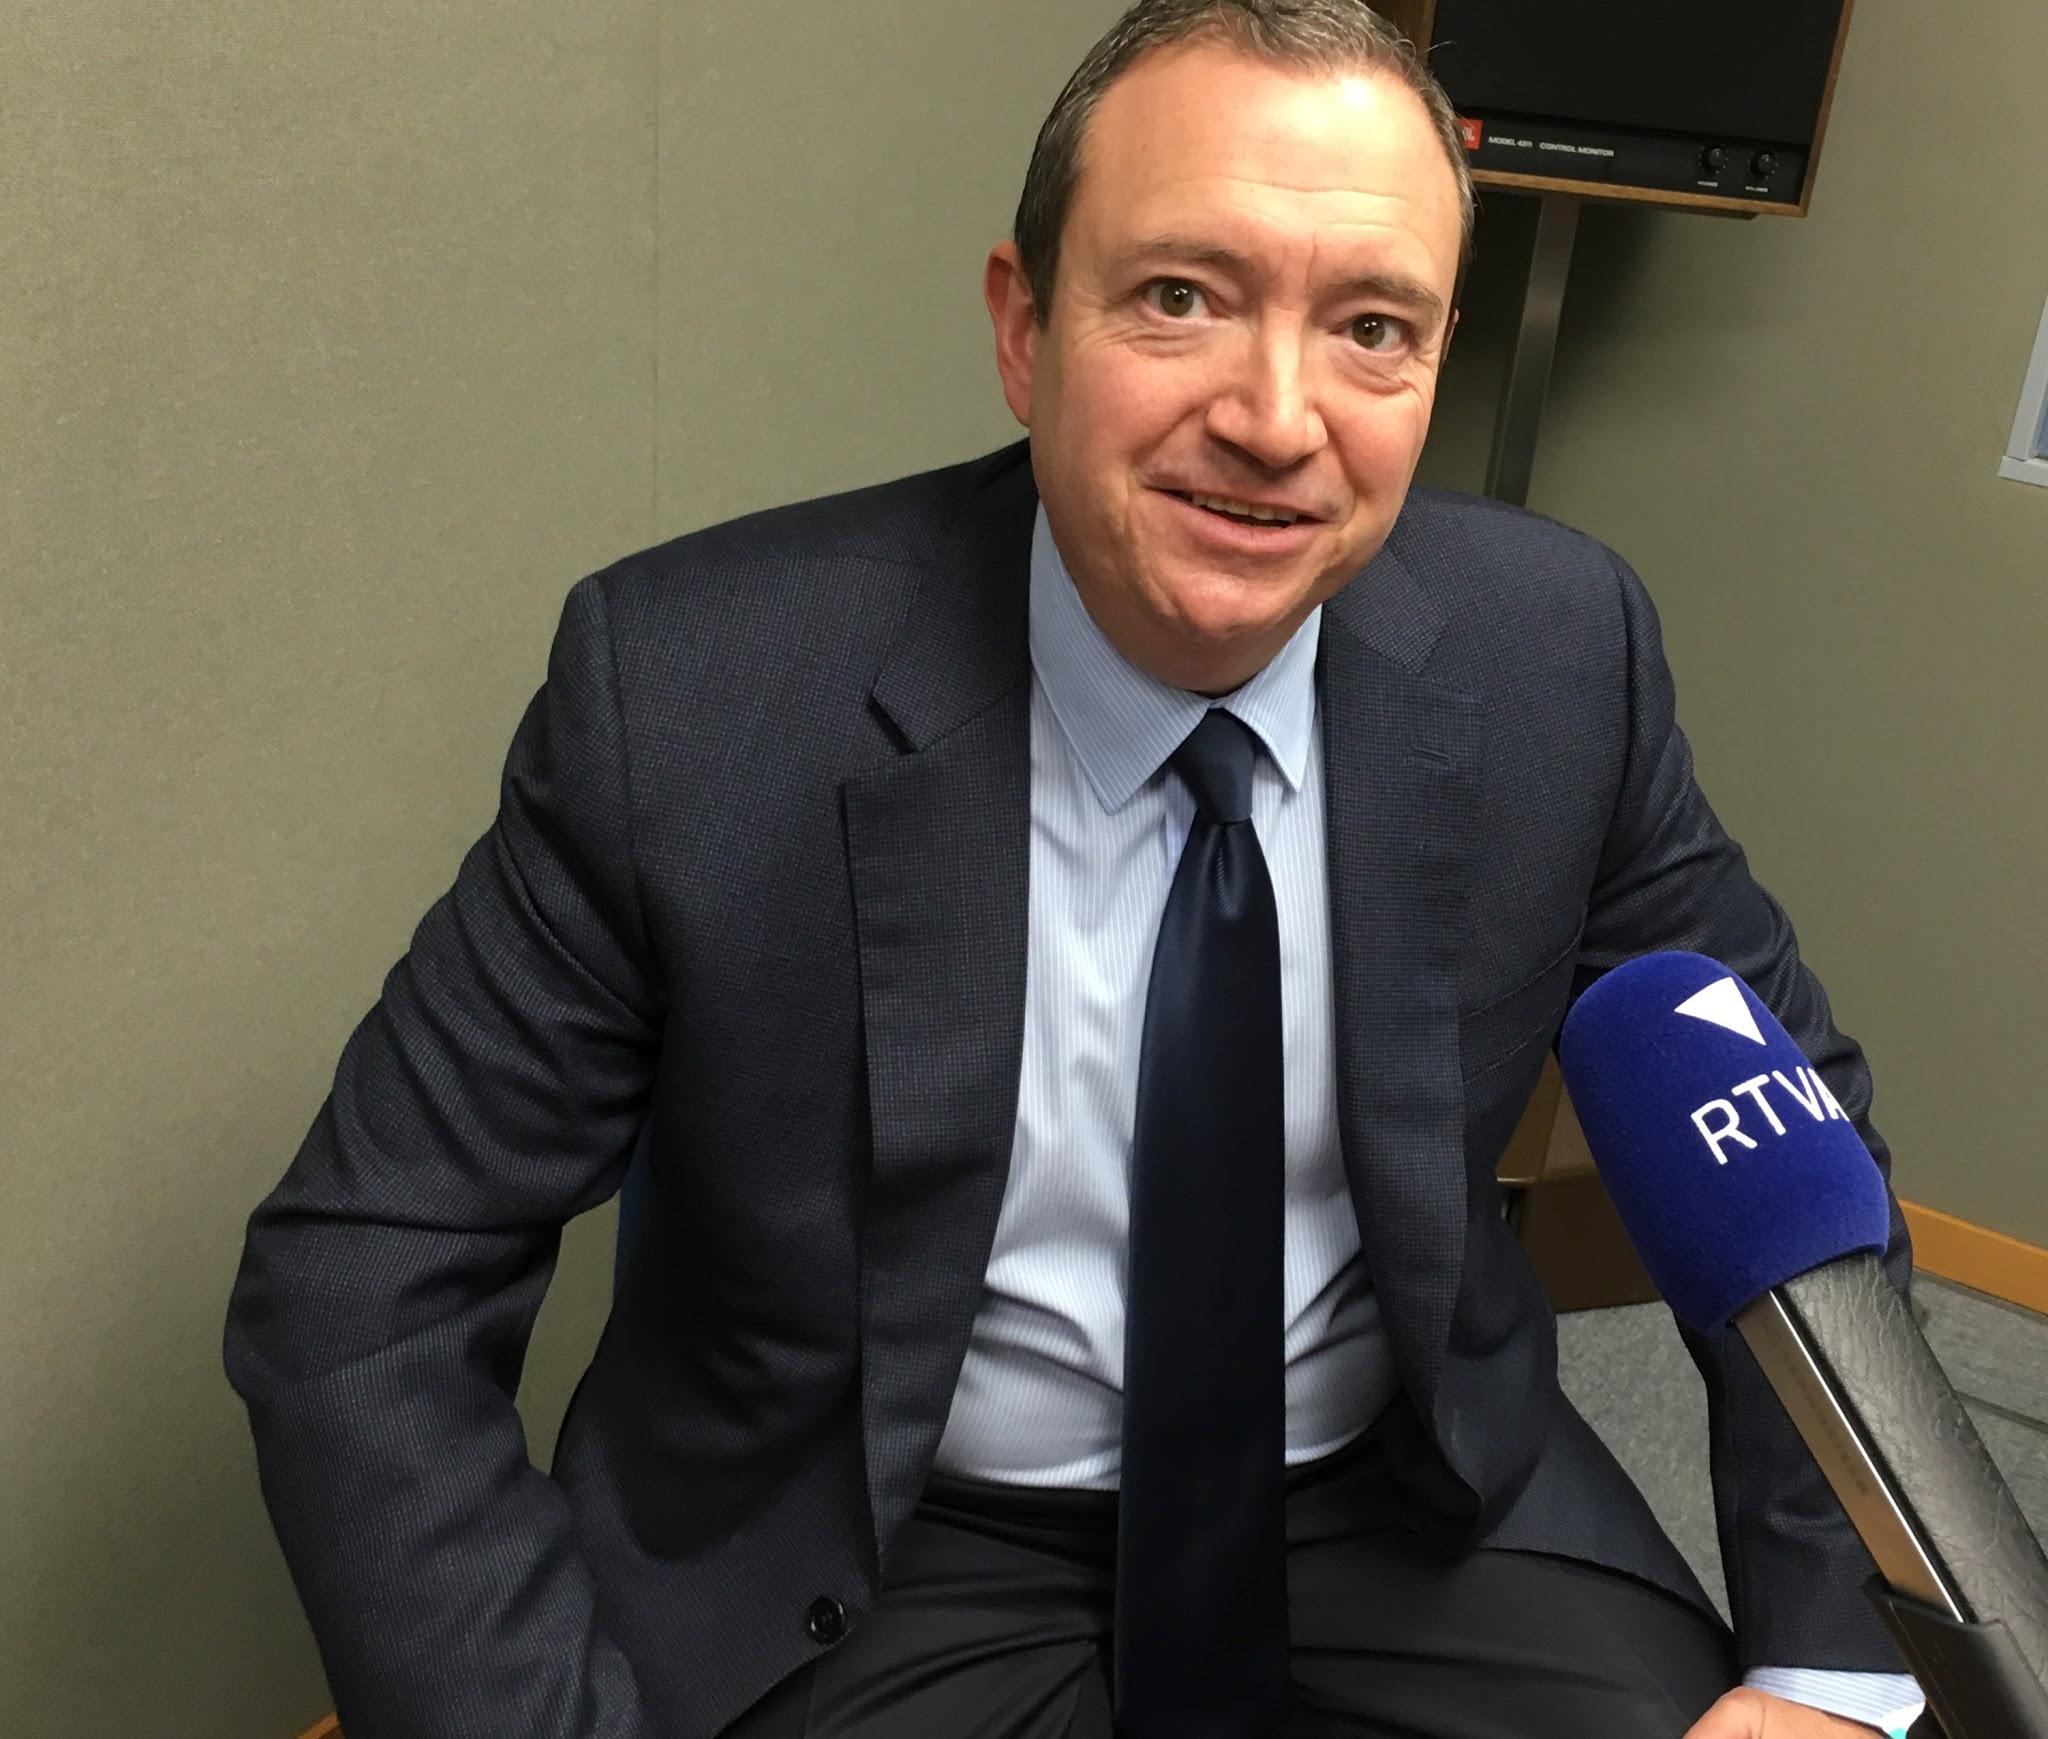 De les llistes als superministres europeus, passant per un magnífic pont